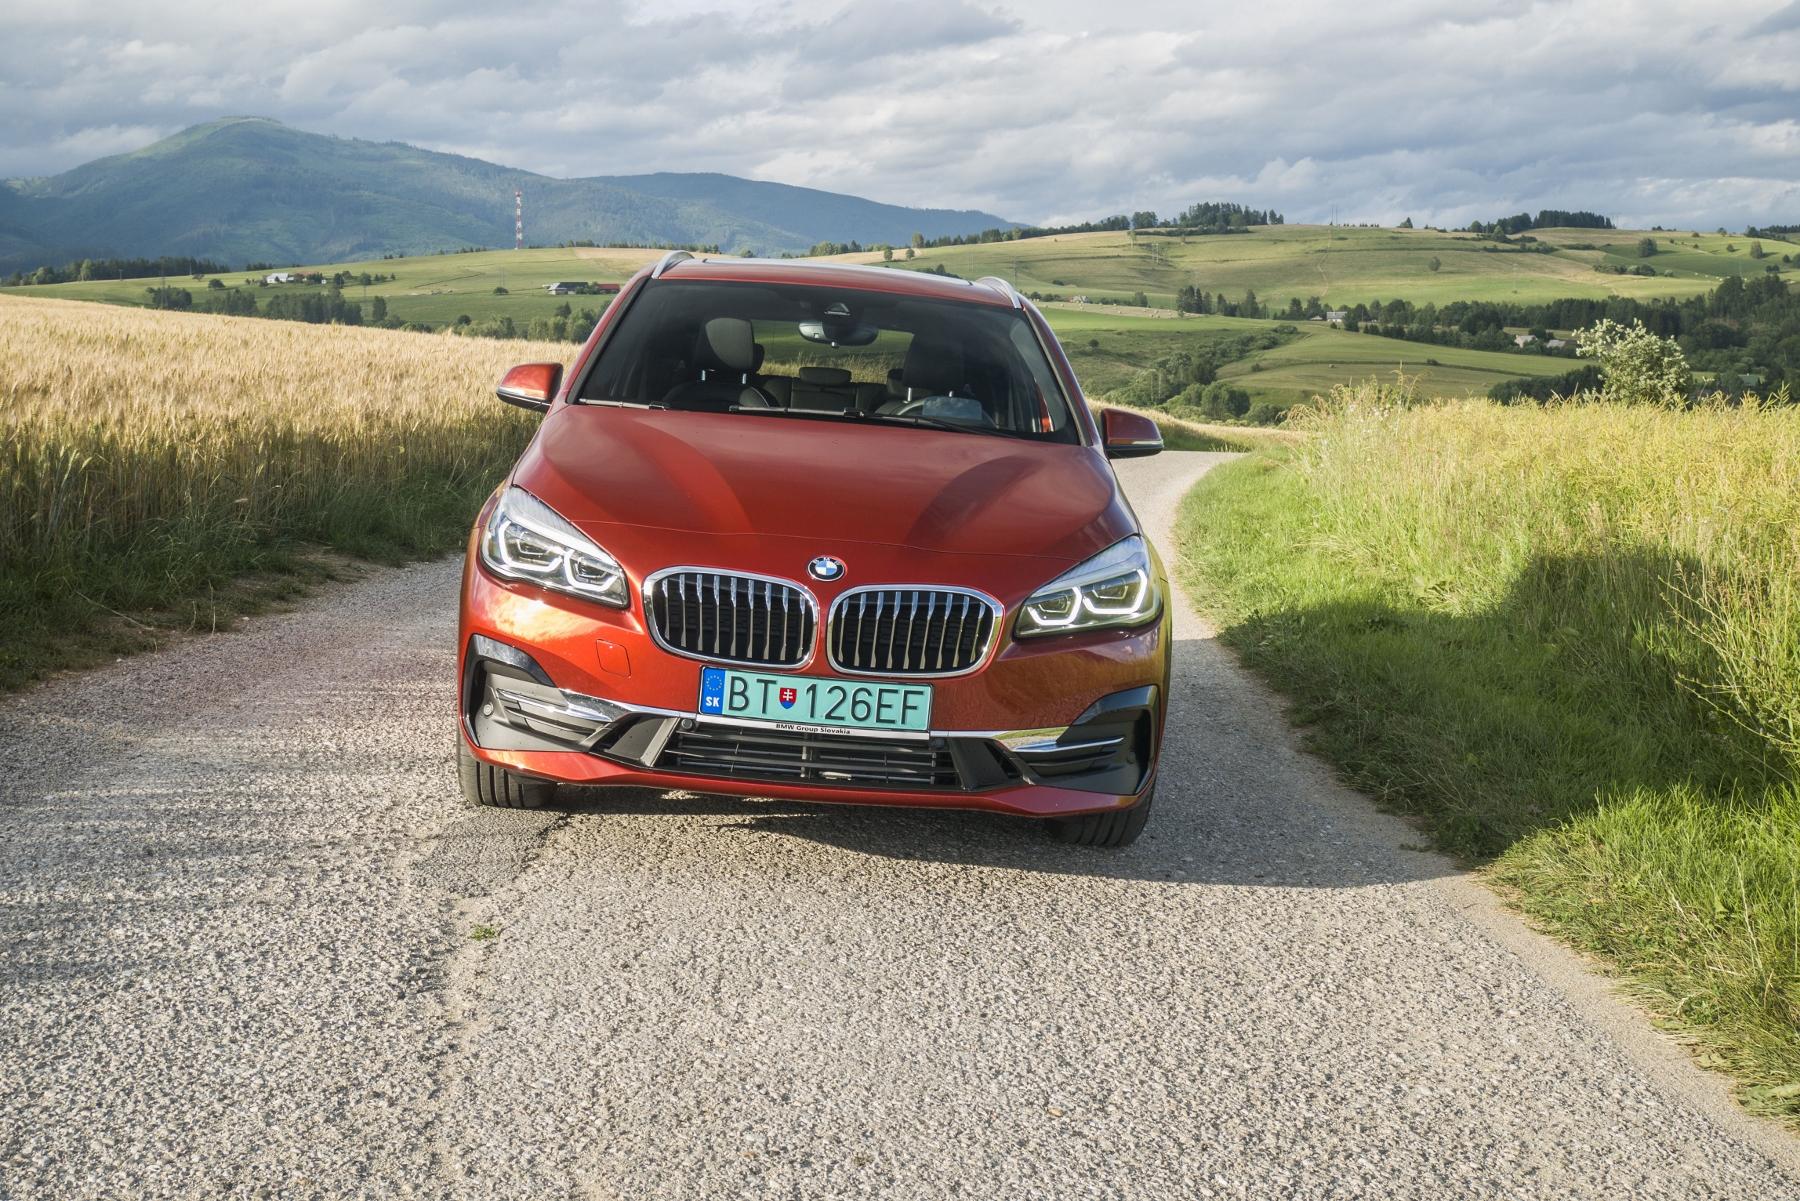 BMW 225 xe (2)